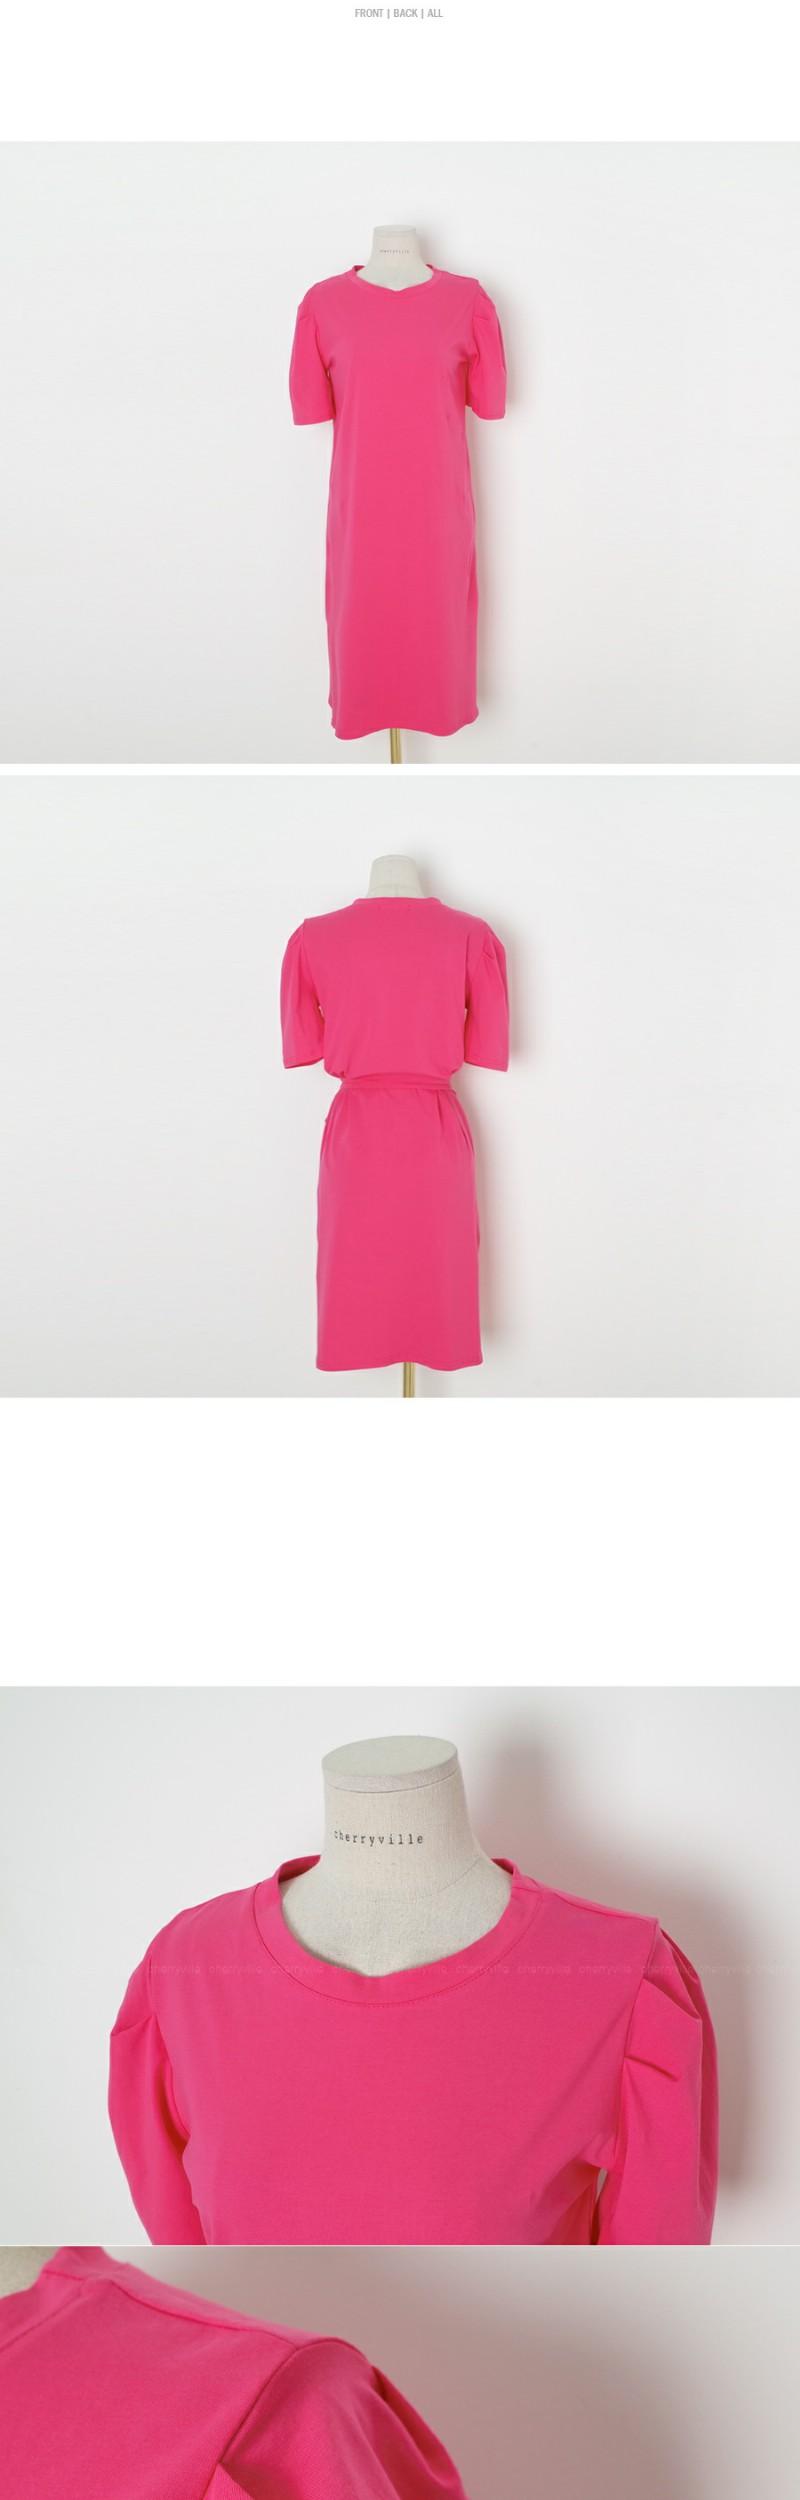 Shoulder Enchanted Dress